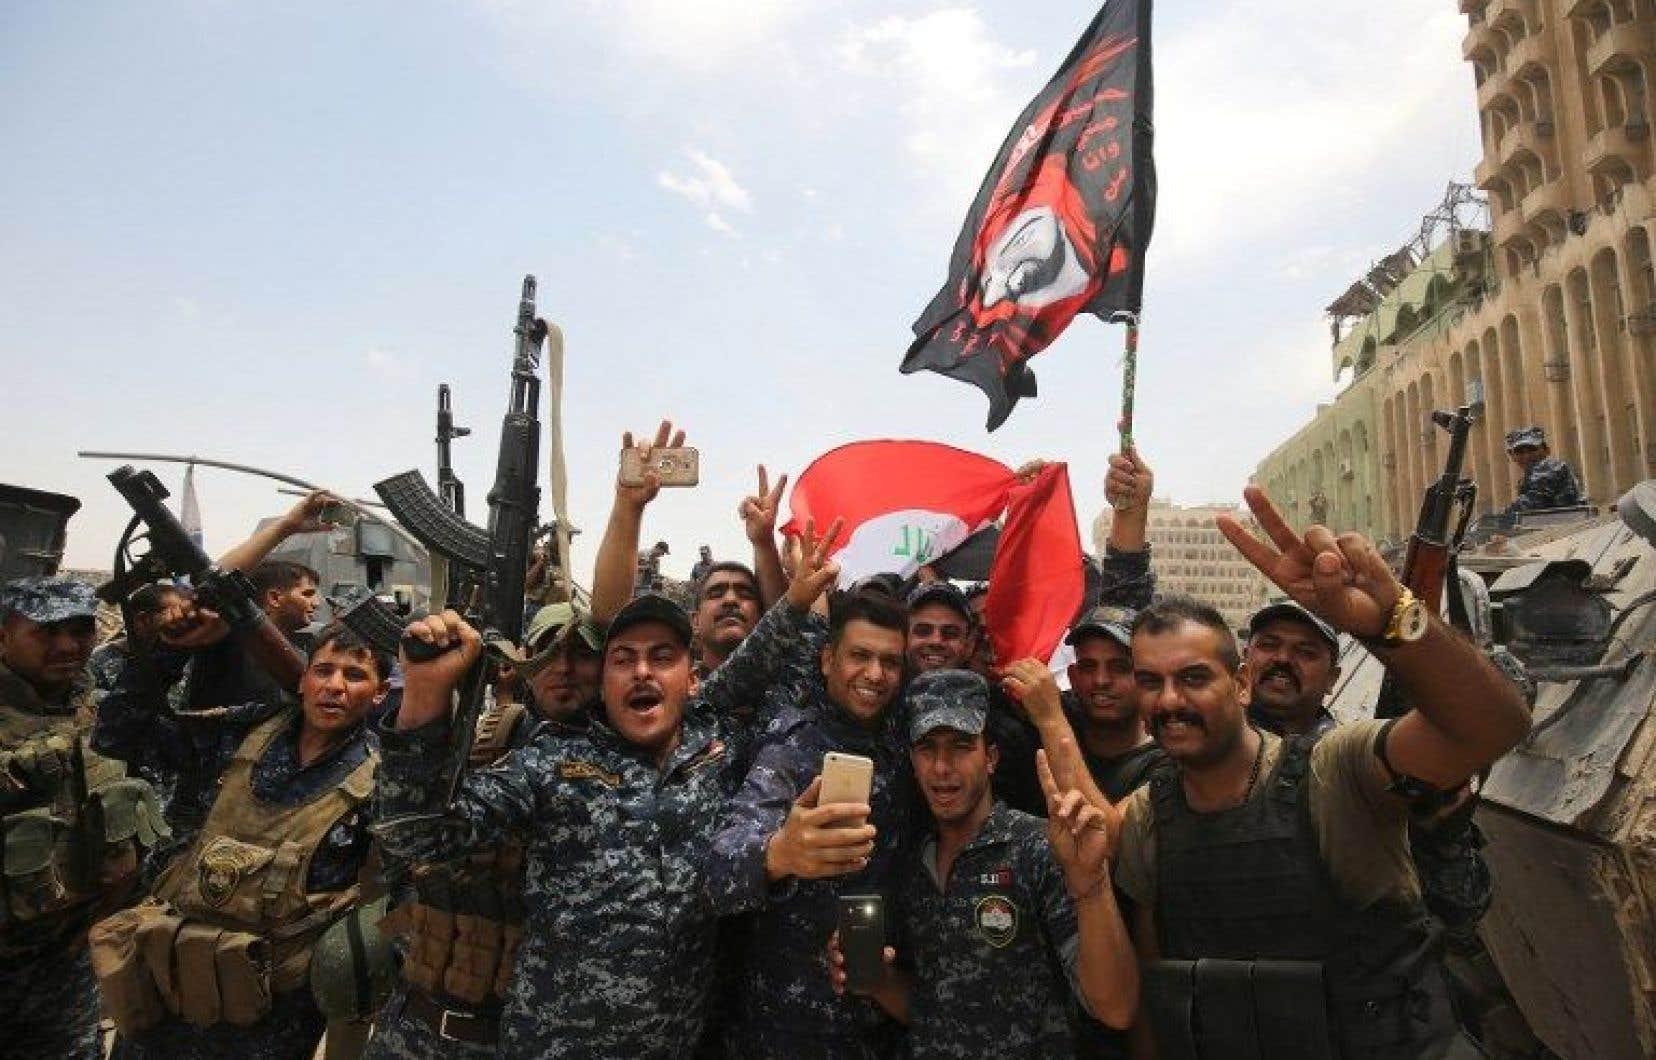 Une offensive avait été lancée le 17octobre par les forces irakiennes, soutenues par la coalition internationale dirigée par les États-Unis.